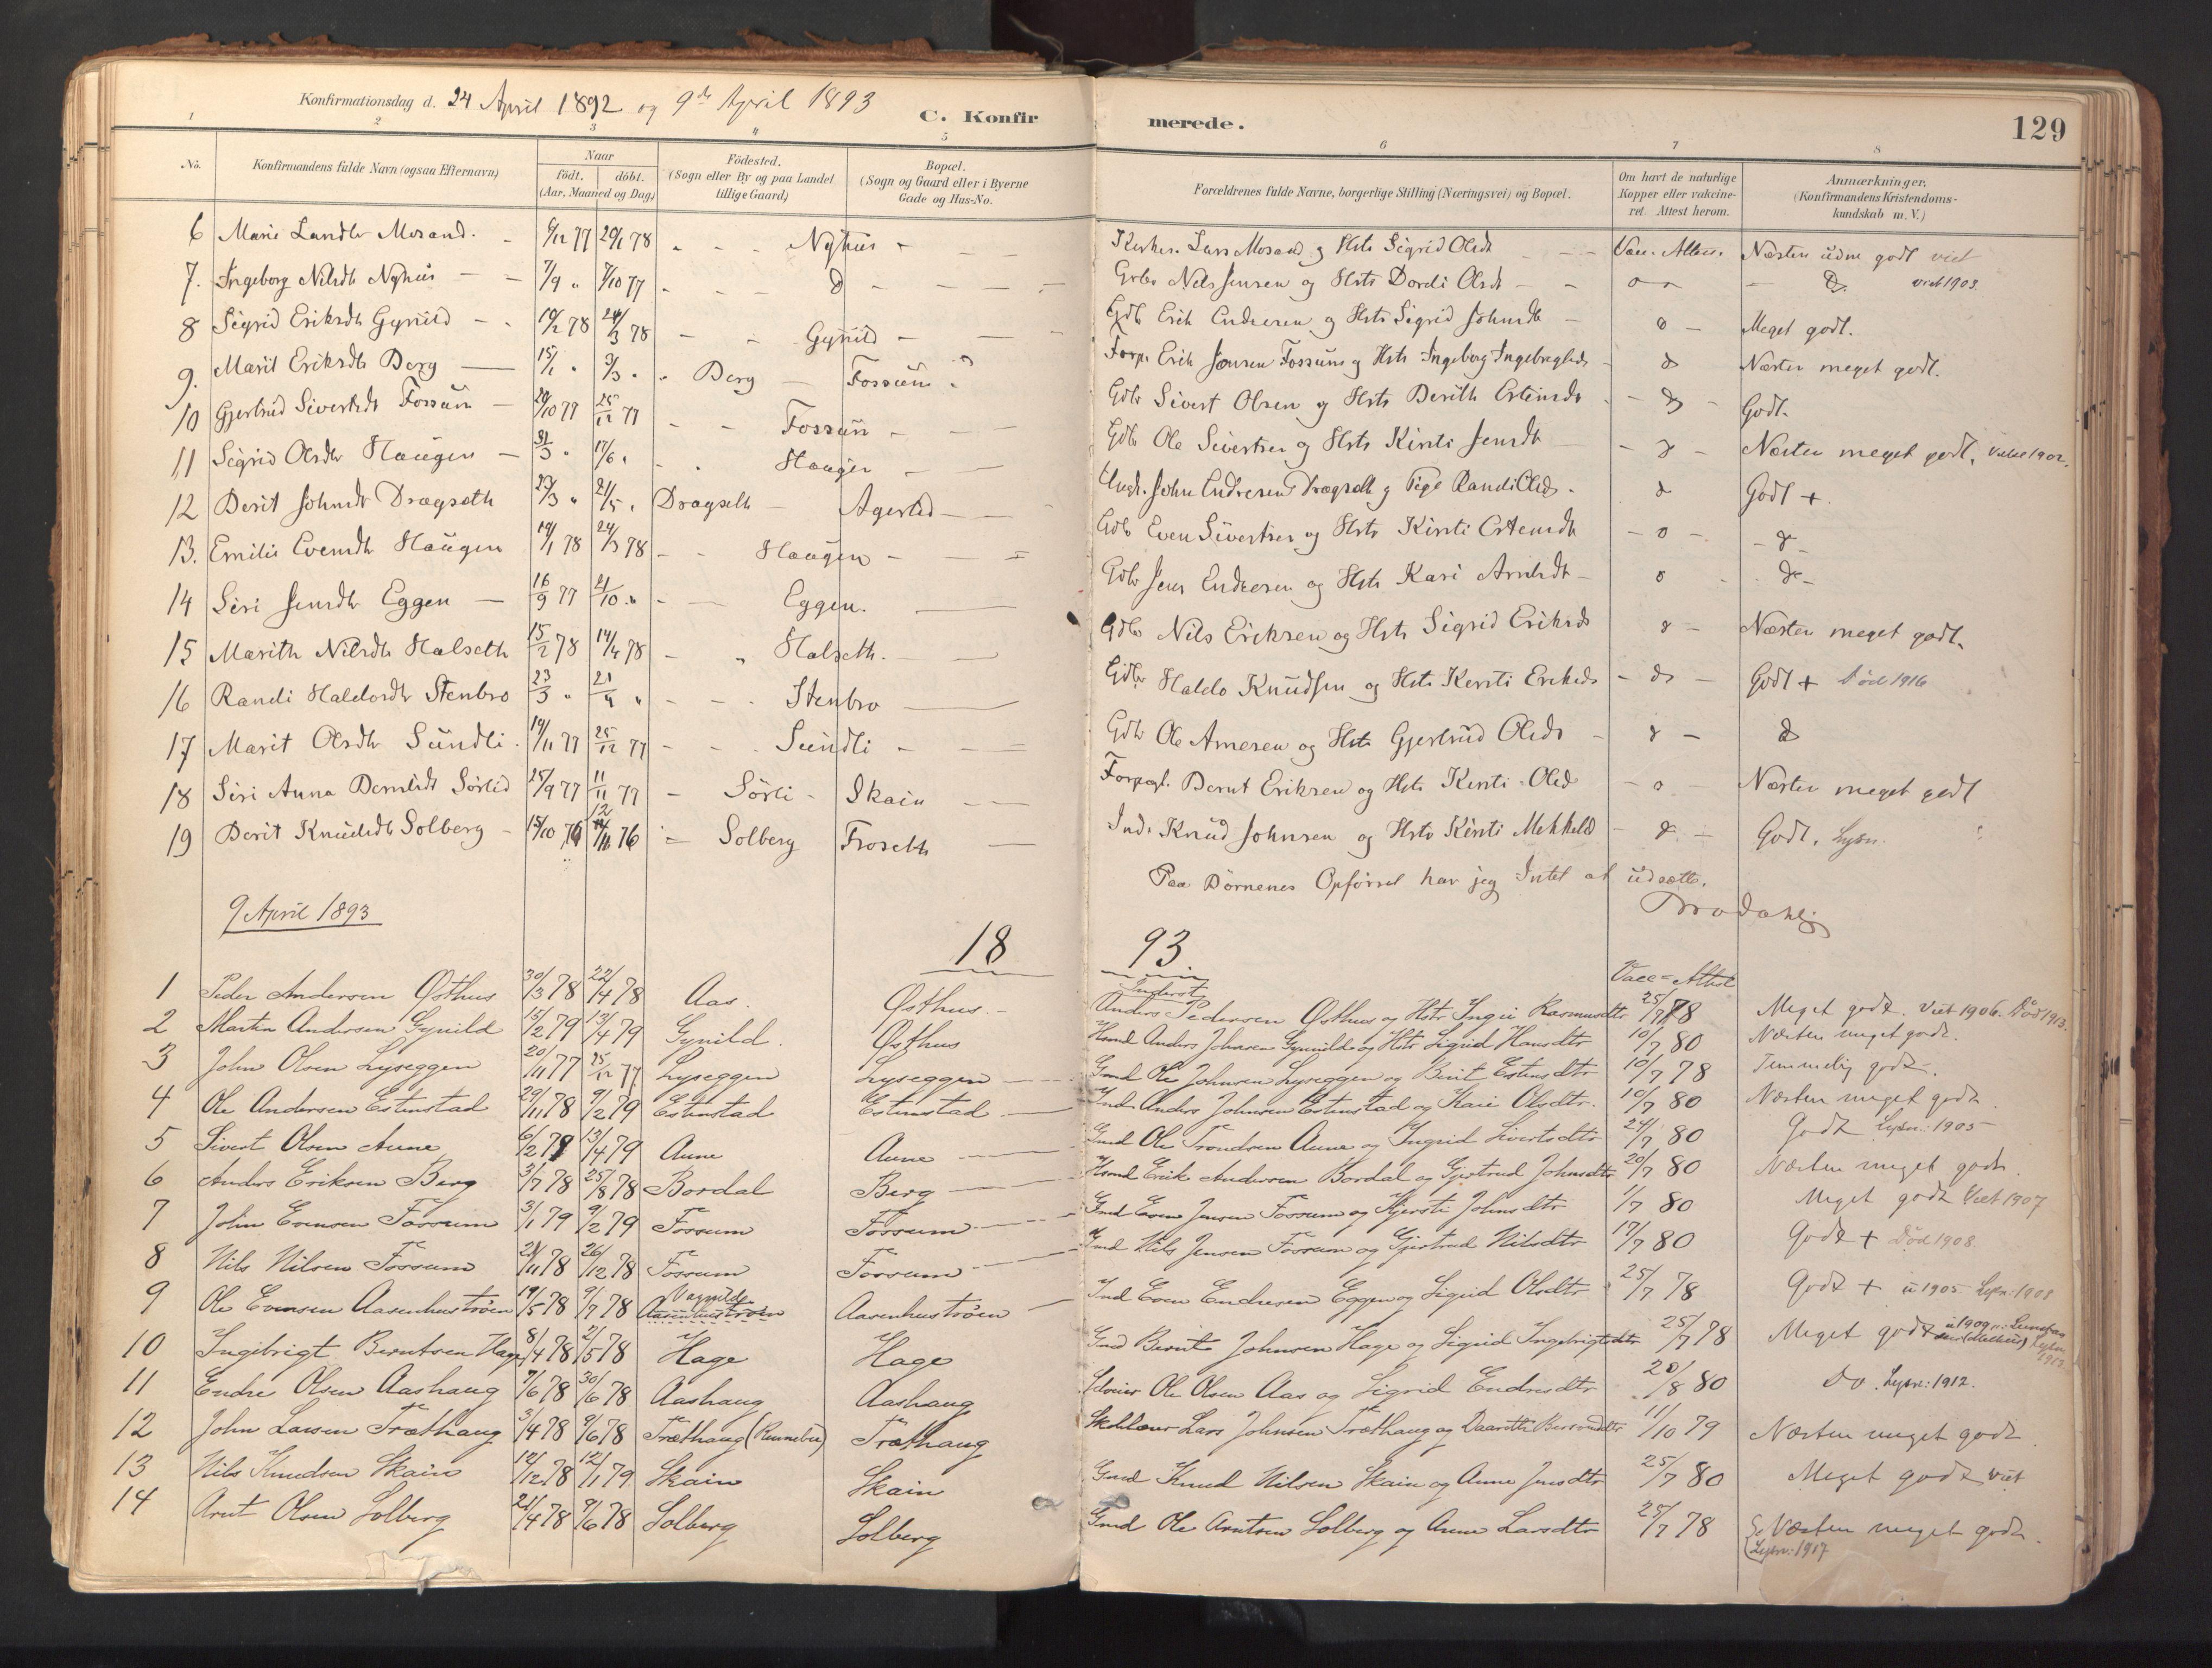 SAT, Ministerialprotokoller, klokkerbøker og fødselsregistre - Sør-Trøndelag, 689/L1041: Ministerialbok nr. 689A06, 1891-1923, s. 129